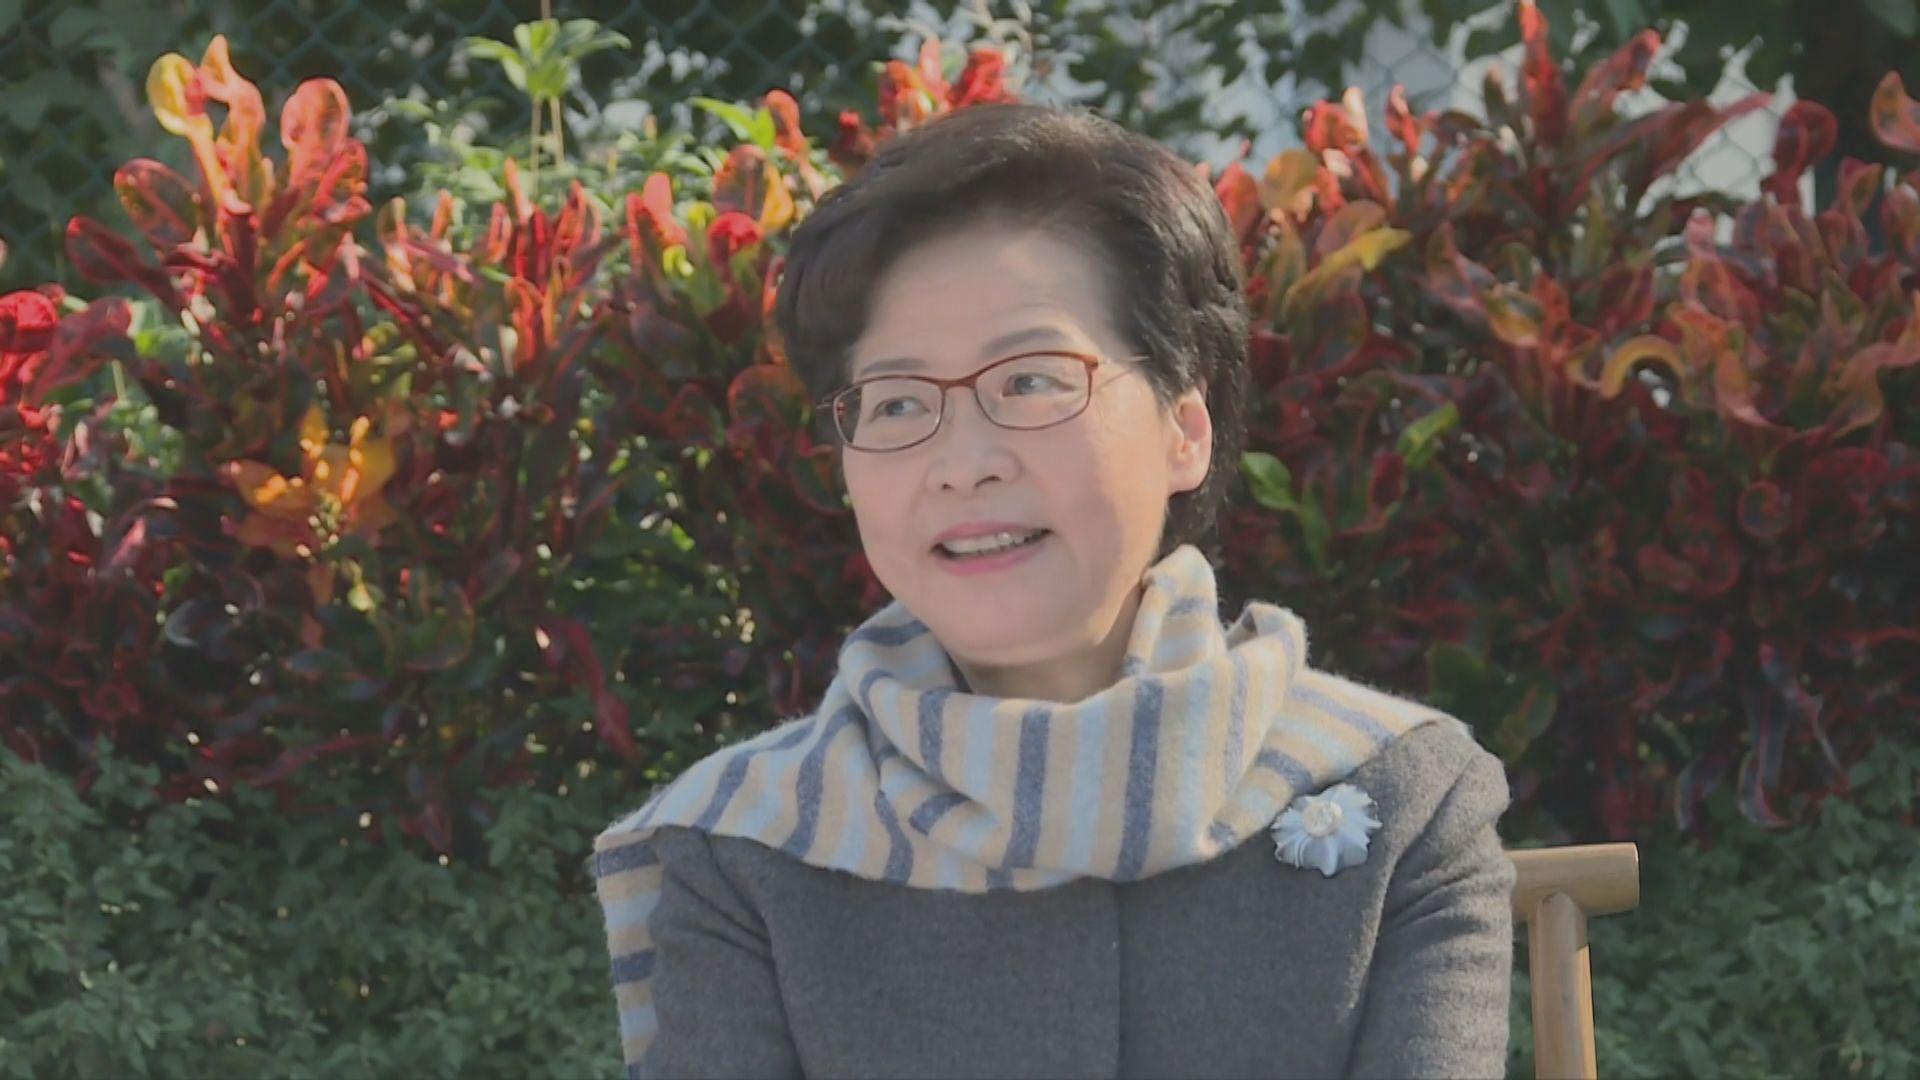 林鄭:政府曾成立核心小組就國安法向中央提意見